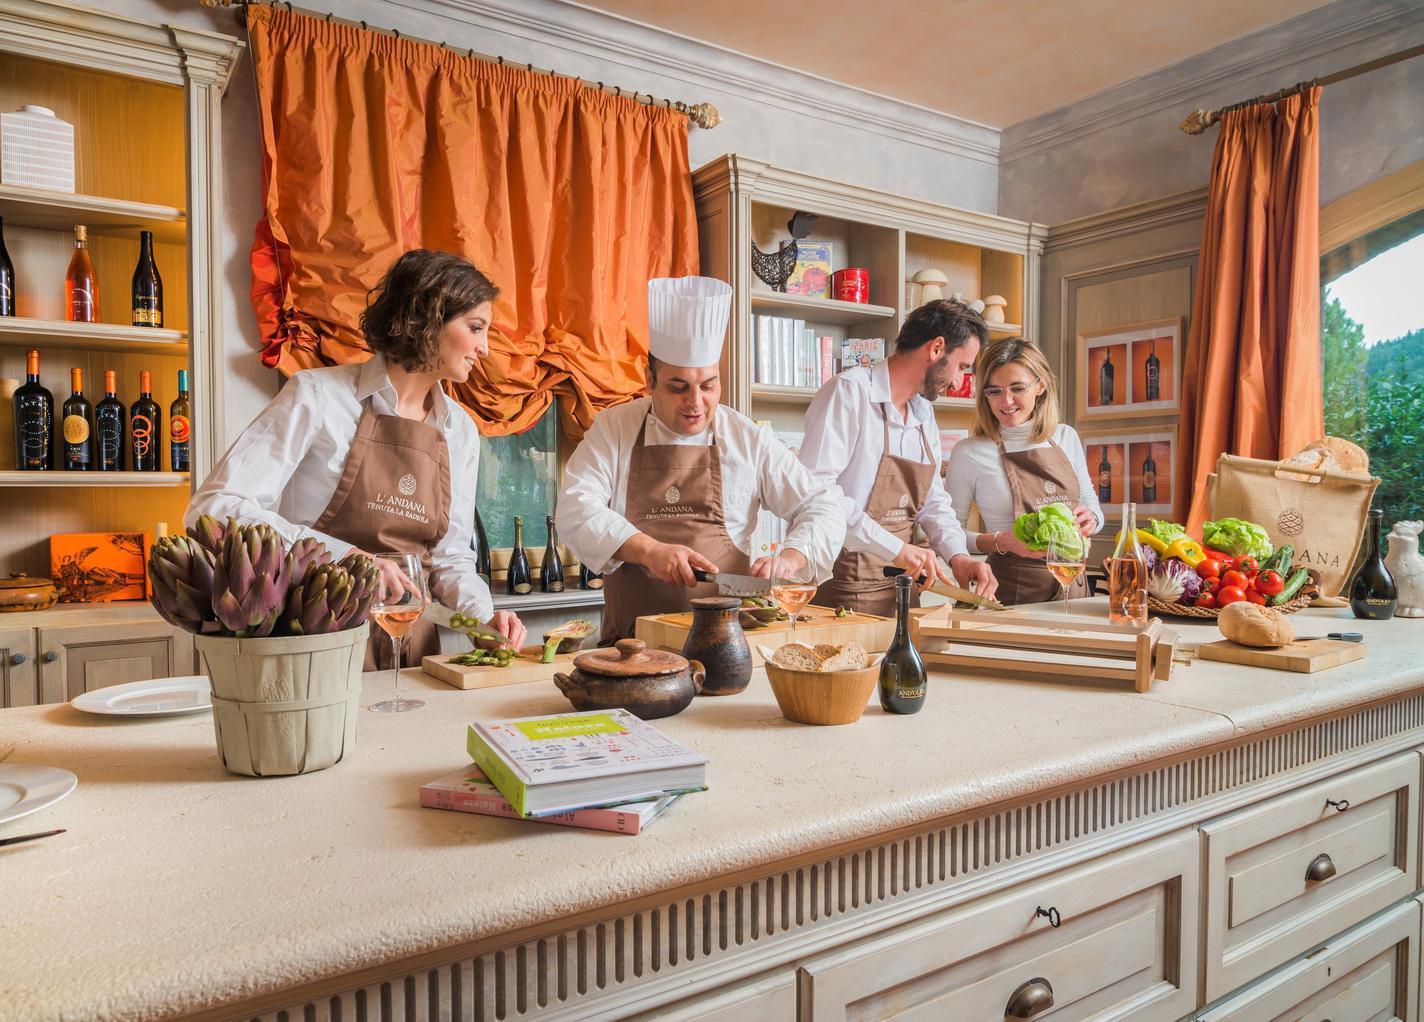 Chef für einen Tag, Hotels mit Kochkursen